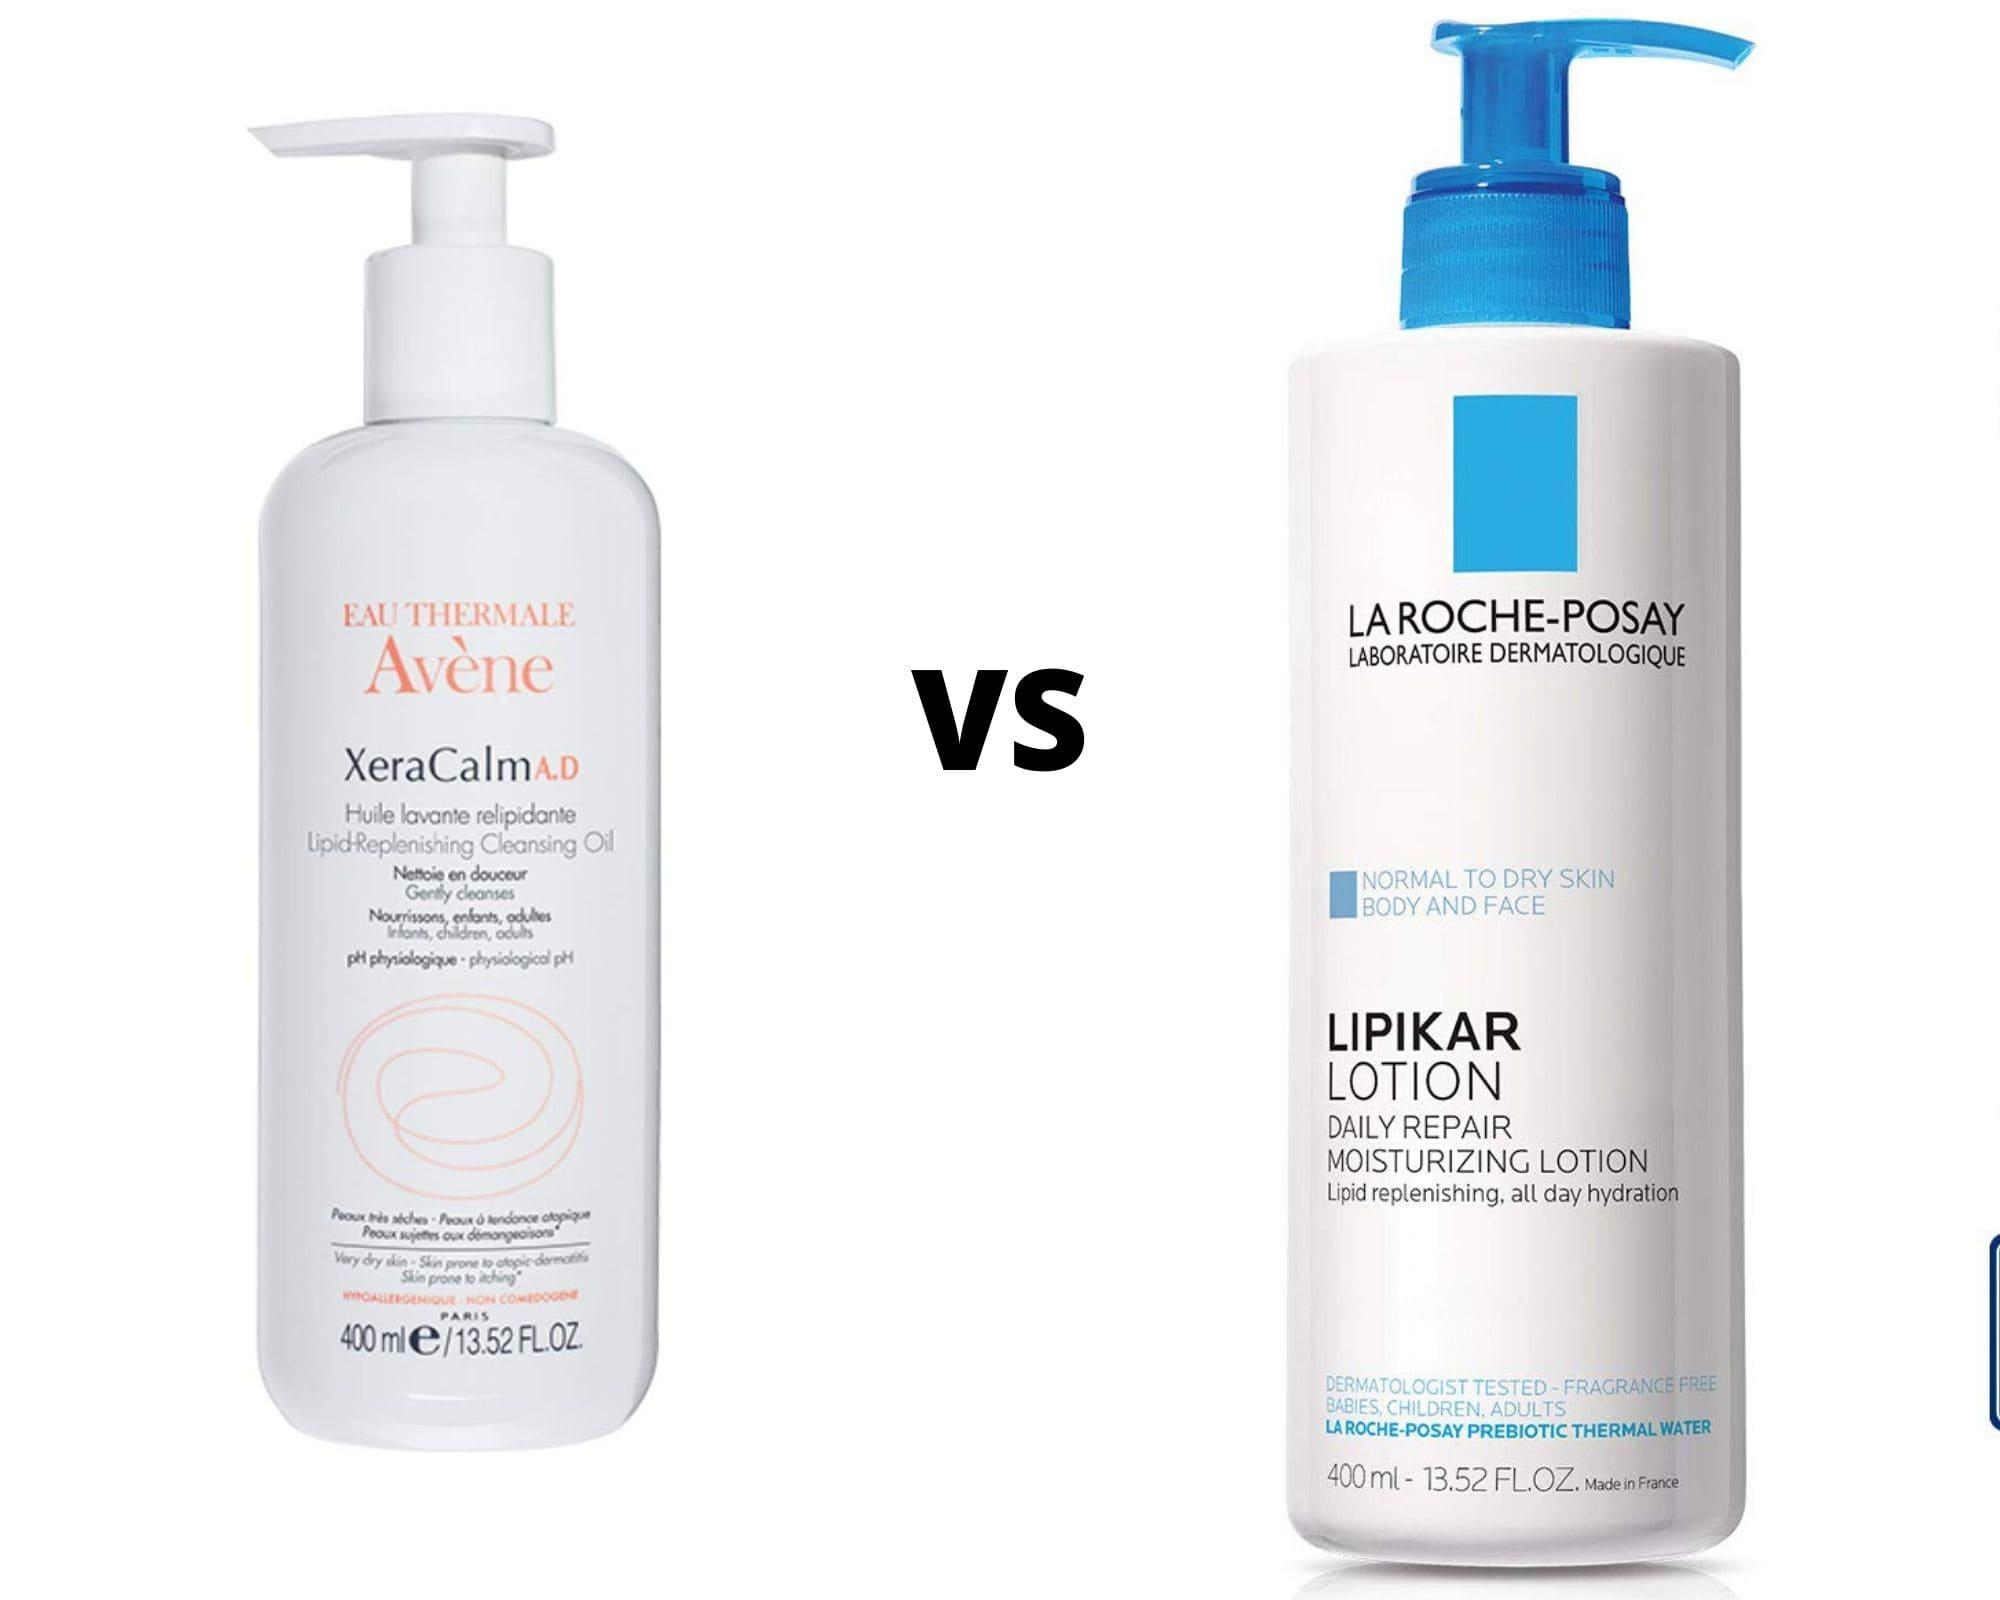 Avene vs La Roche-Posay for Eczema